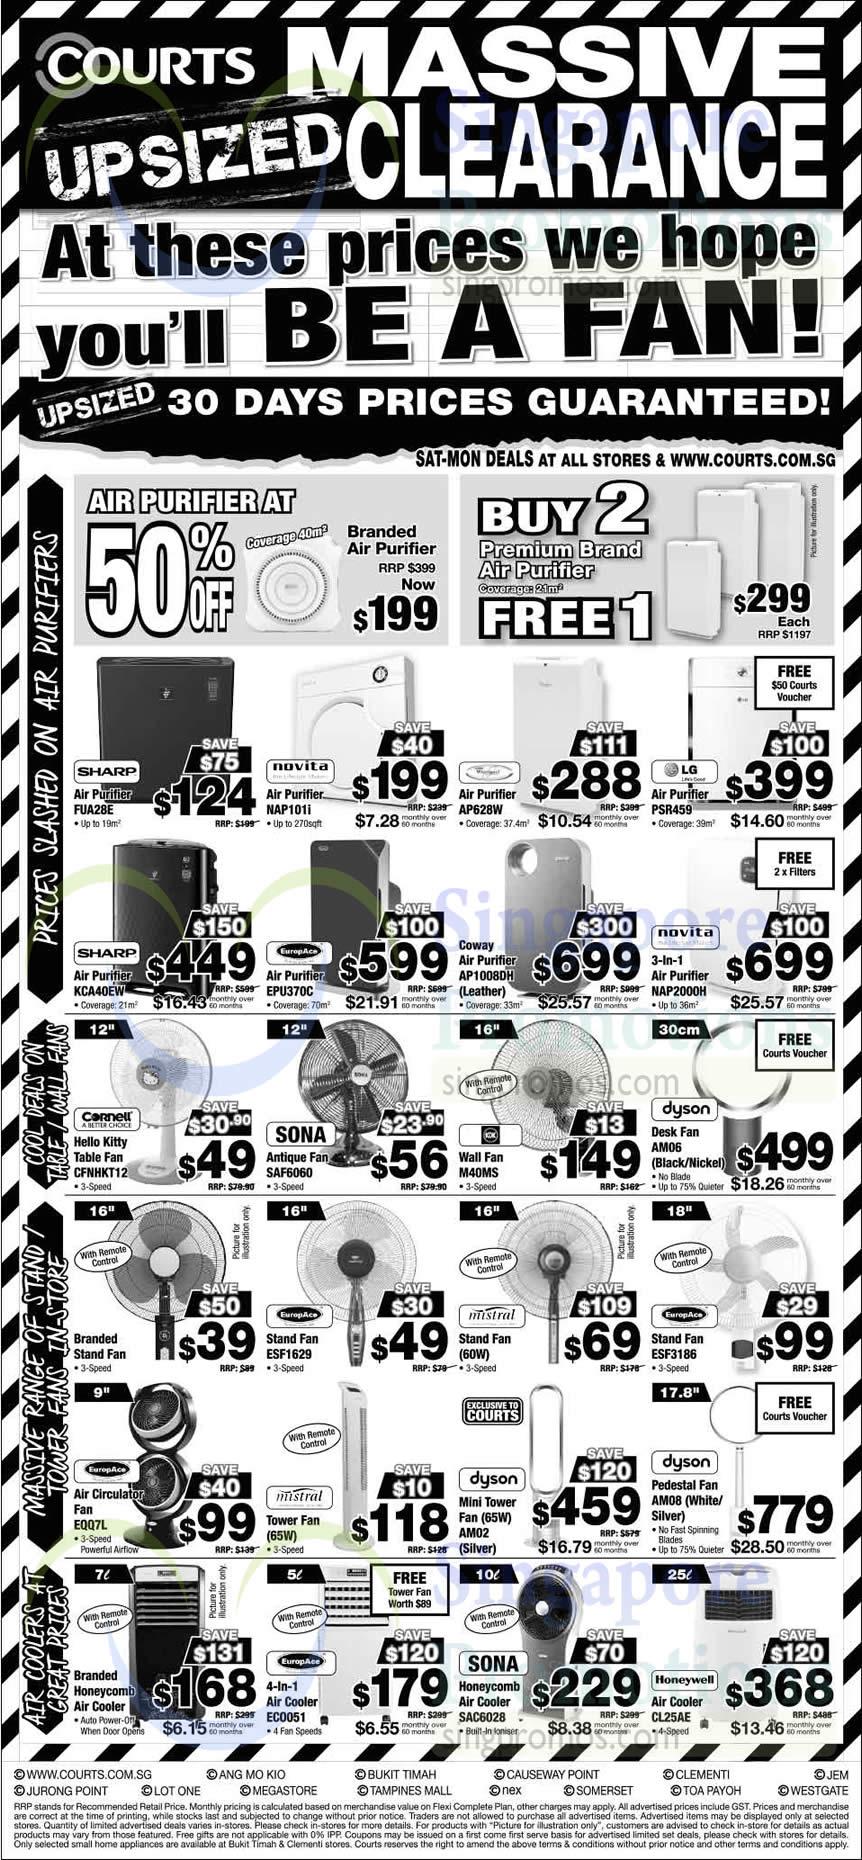 Air Purifiers Air Coolers Fans Sharp Novita Coway